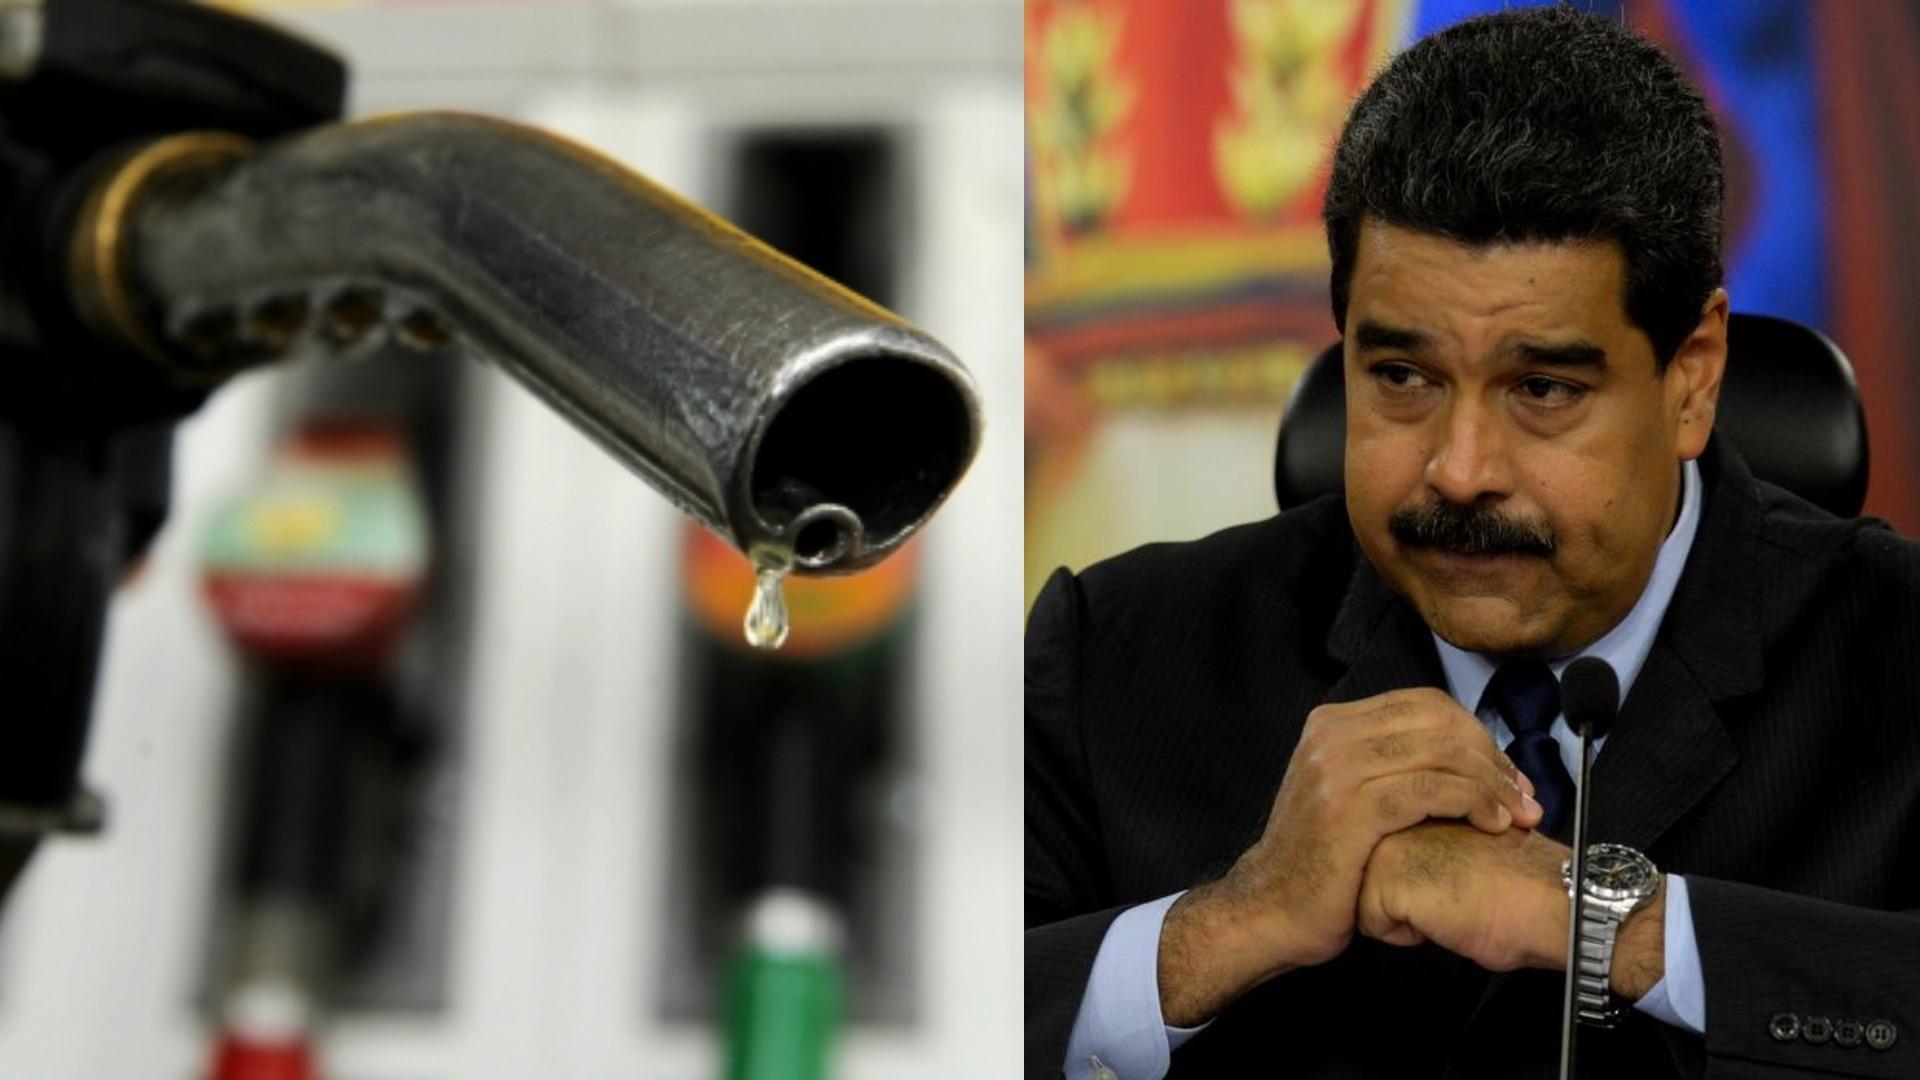 En los últimos meses, la escasez de gasolina se ha extendido paulatinamente en las ciudades del interior de Venezuela, en especial en estados fronterizos.